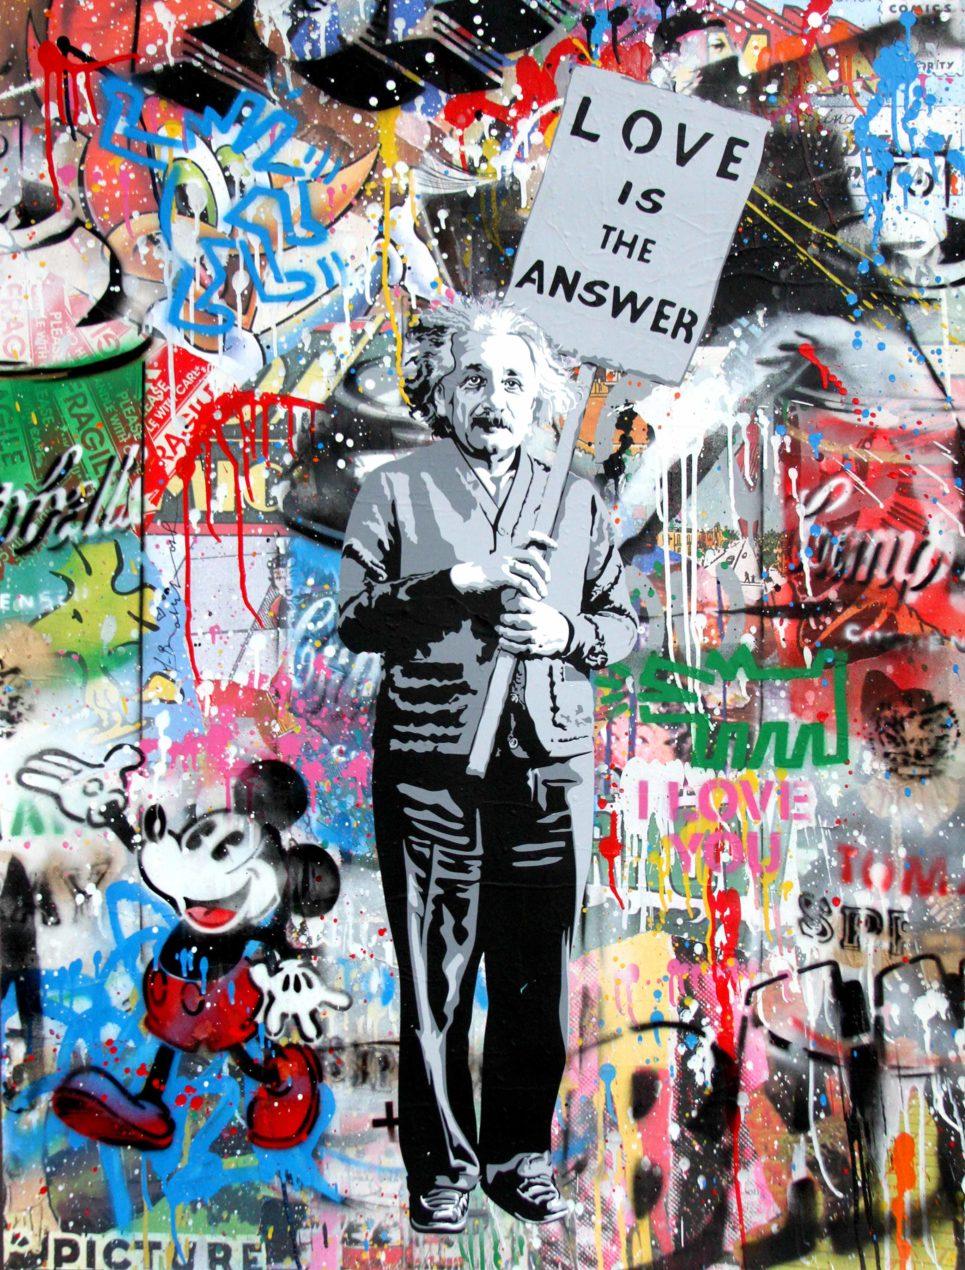 Einstein love is the answer by mr brainwash